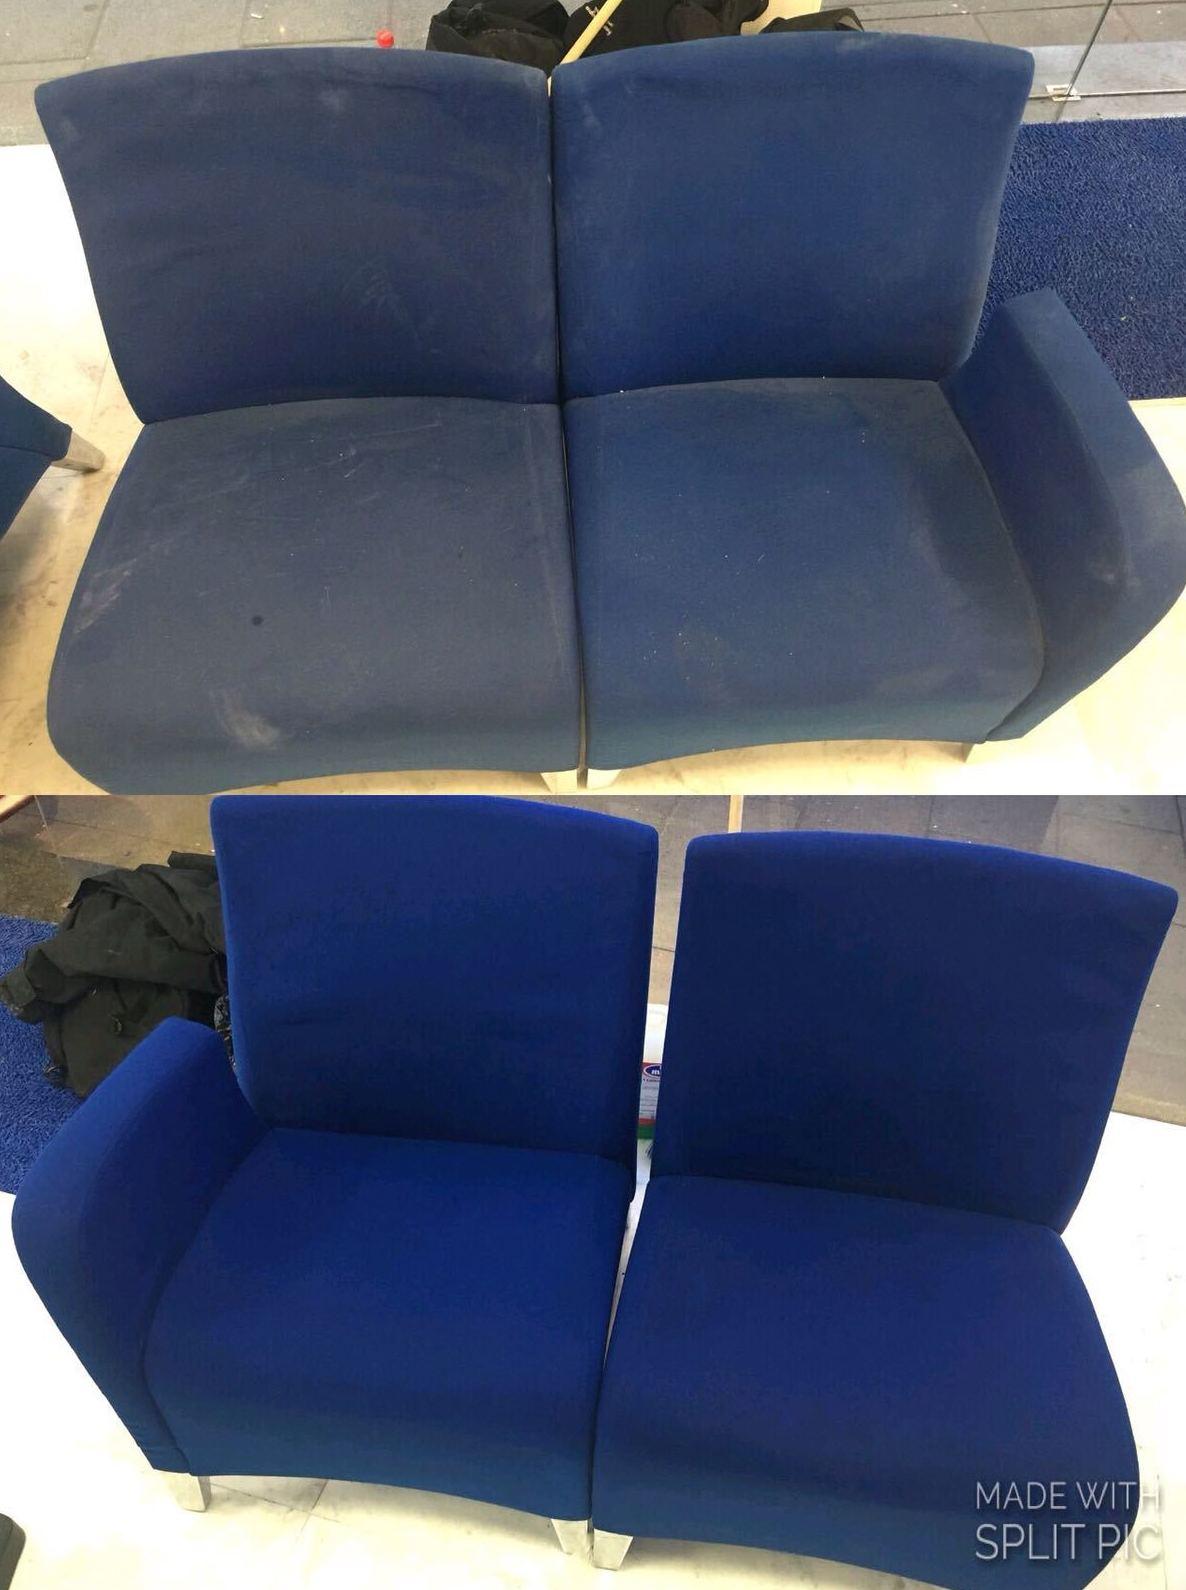 Limpieza y desinfección de sofa,sillas,sillones,butacas,paredes enteladas..: Servicios de Primera Imagen Limpiezas